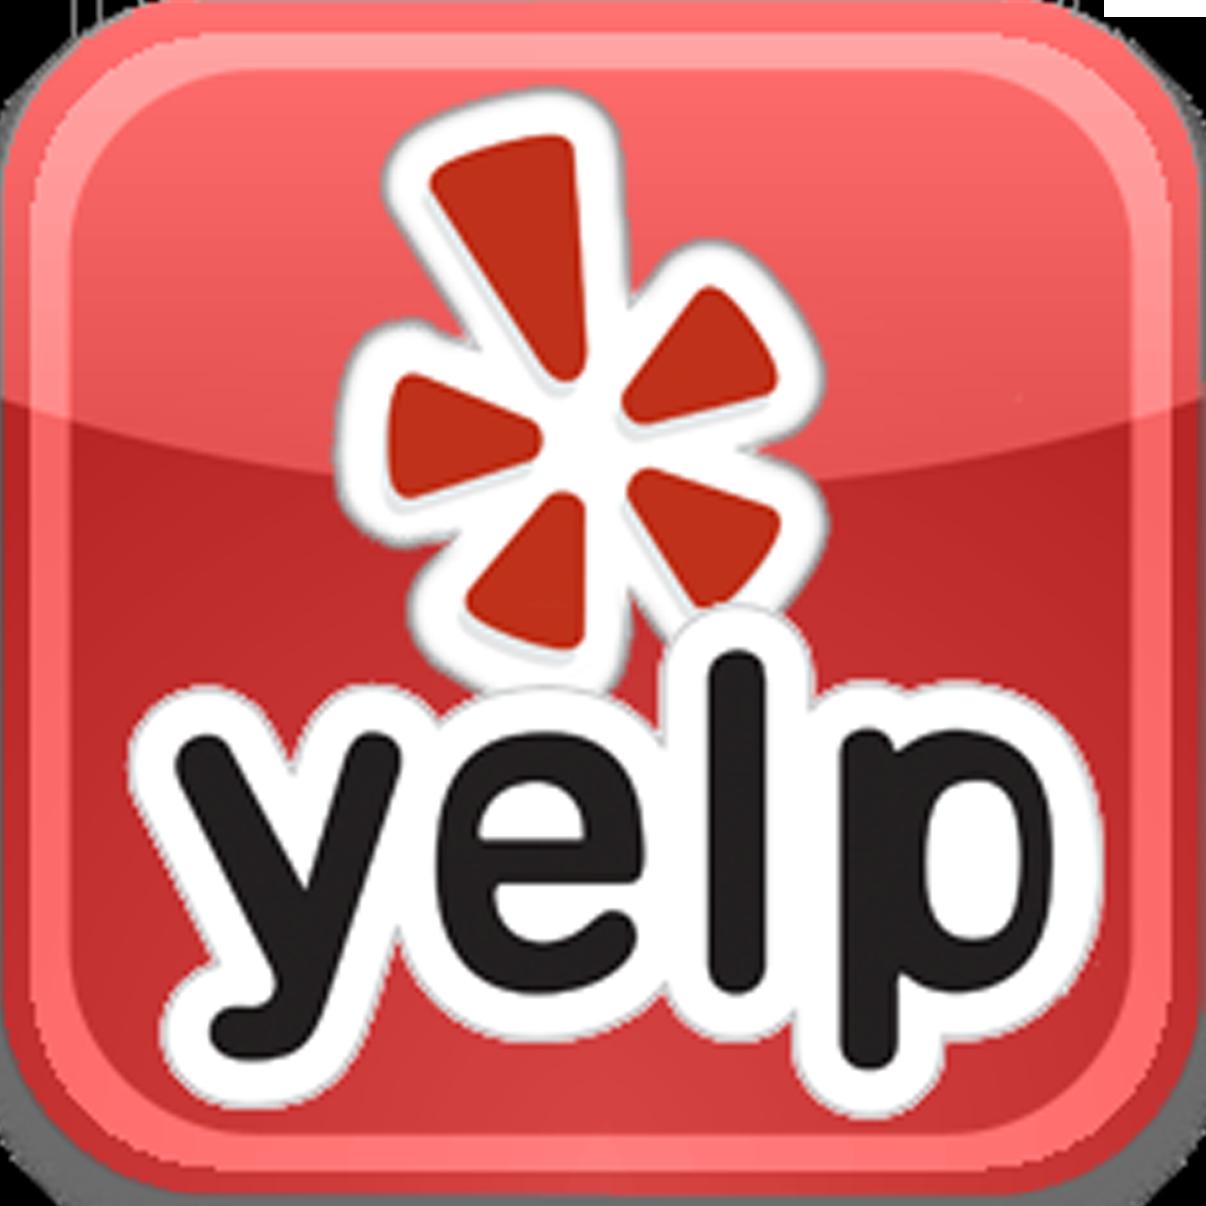 Yelp Logo Png Transparent Download Yelp Logo Pc Repair Yelp